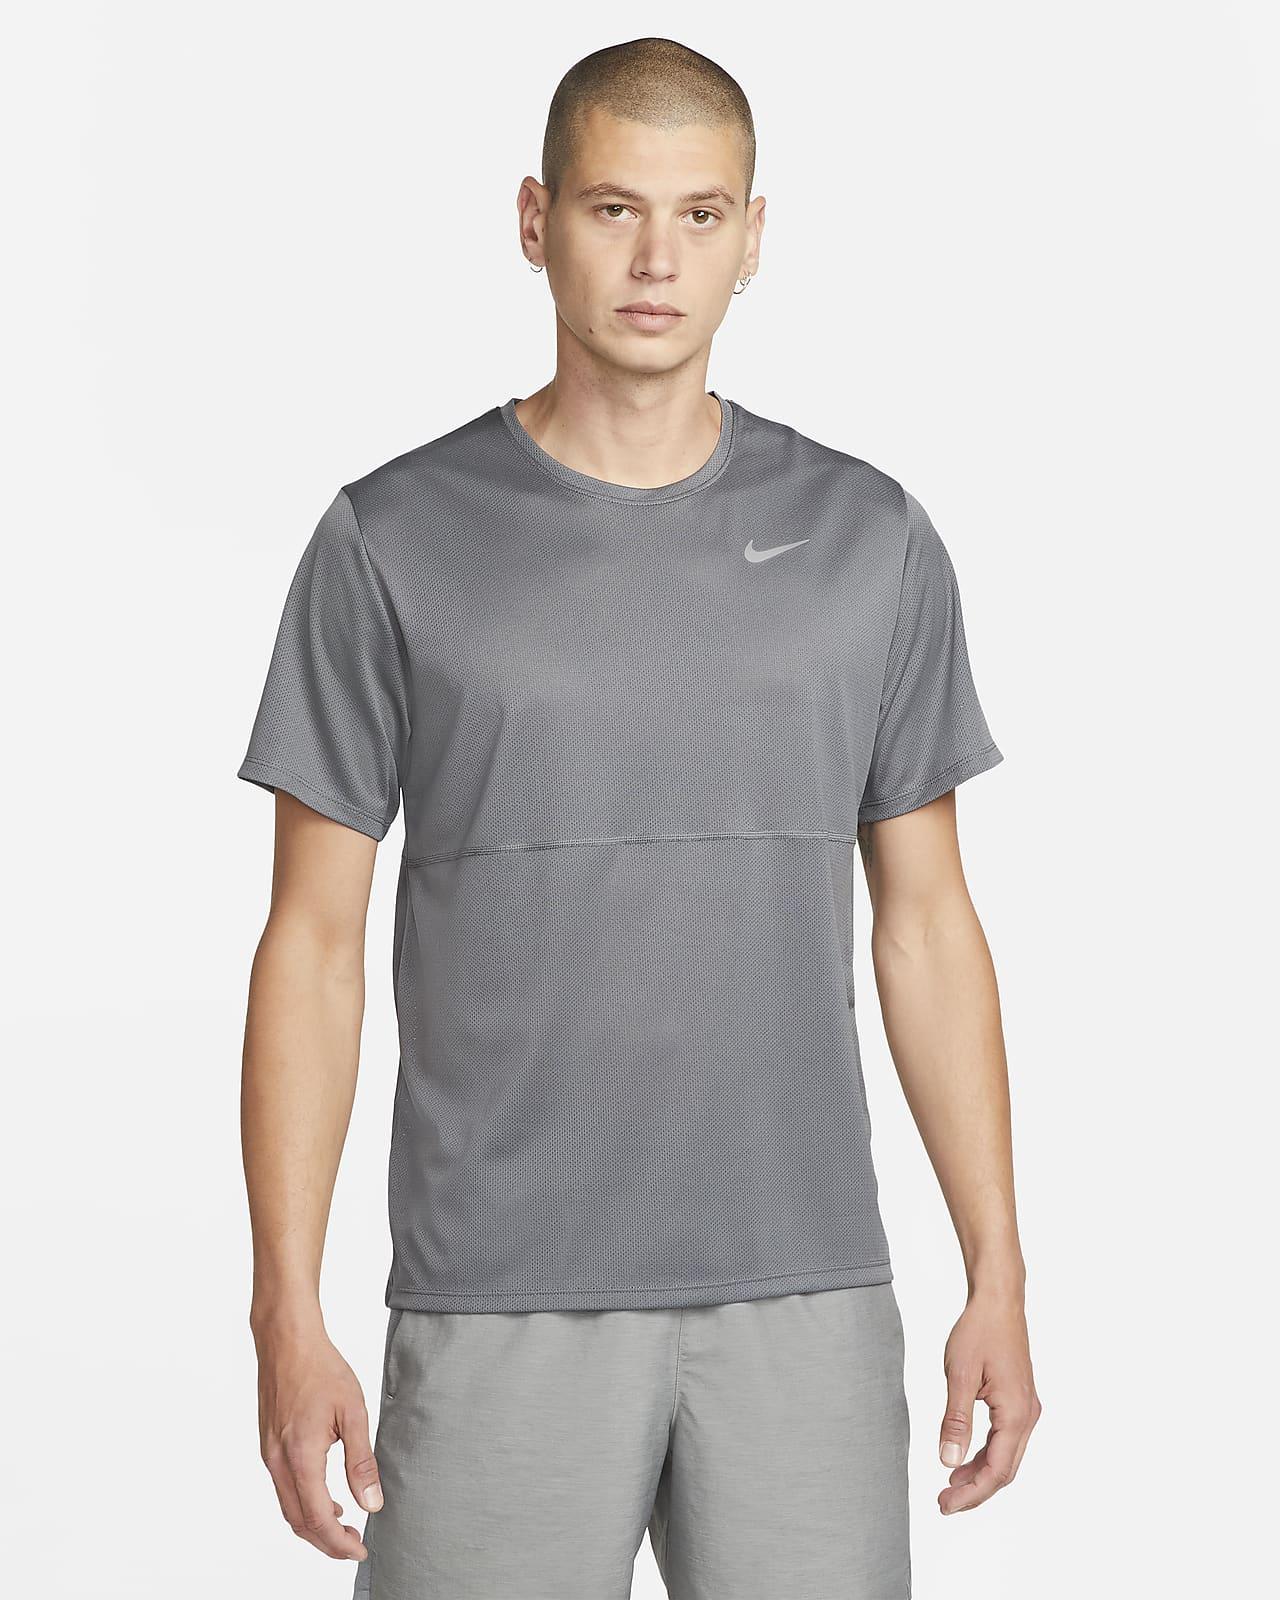 Camiseta de running para hombre Nike Breathe